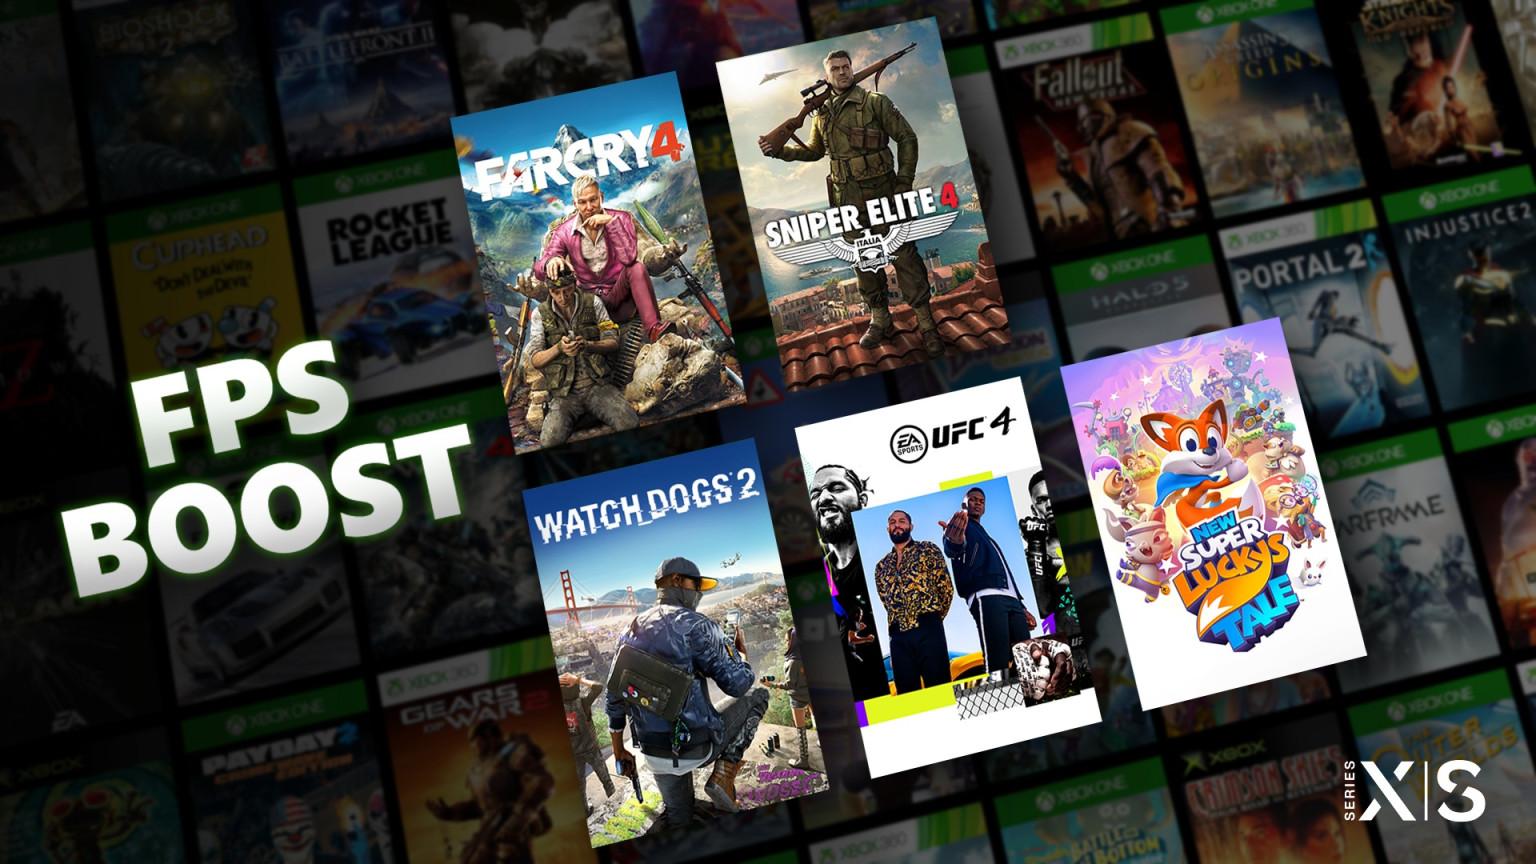 微软公布为 XSX/S 系统增加了帧数翻倍模式 FPS Boost